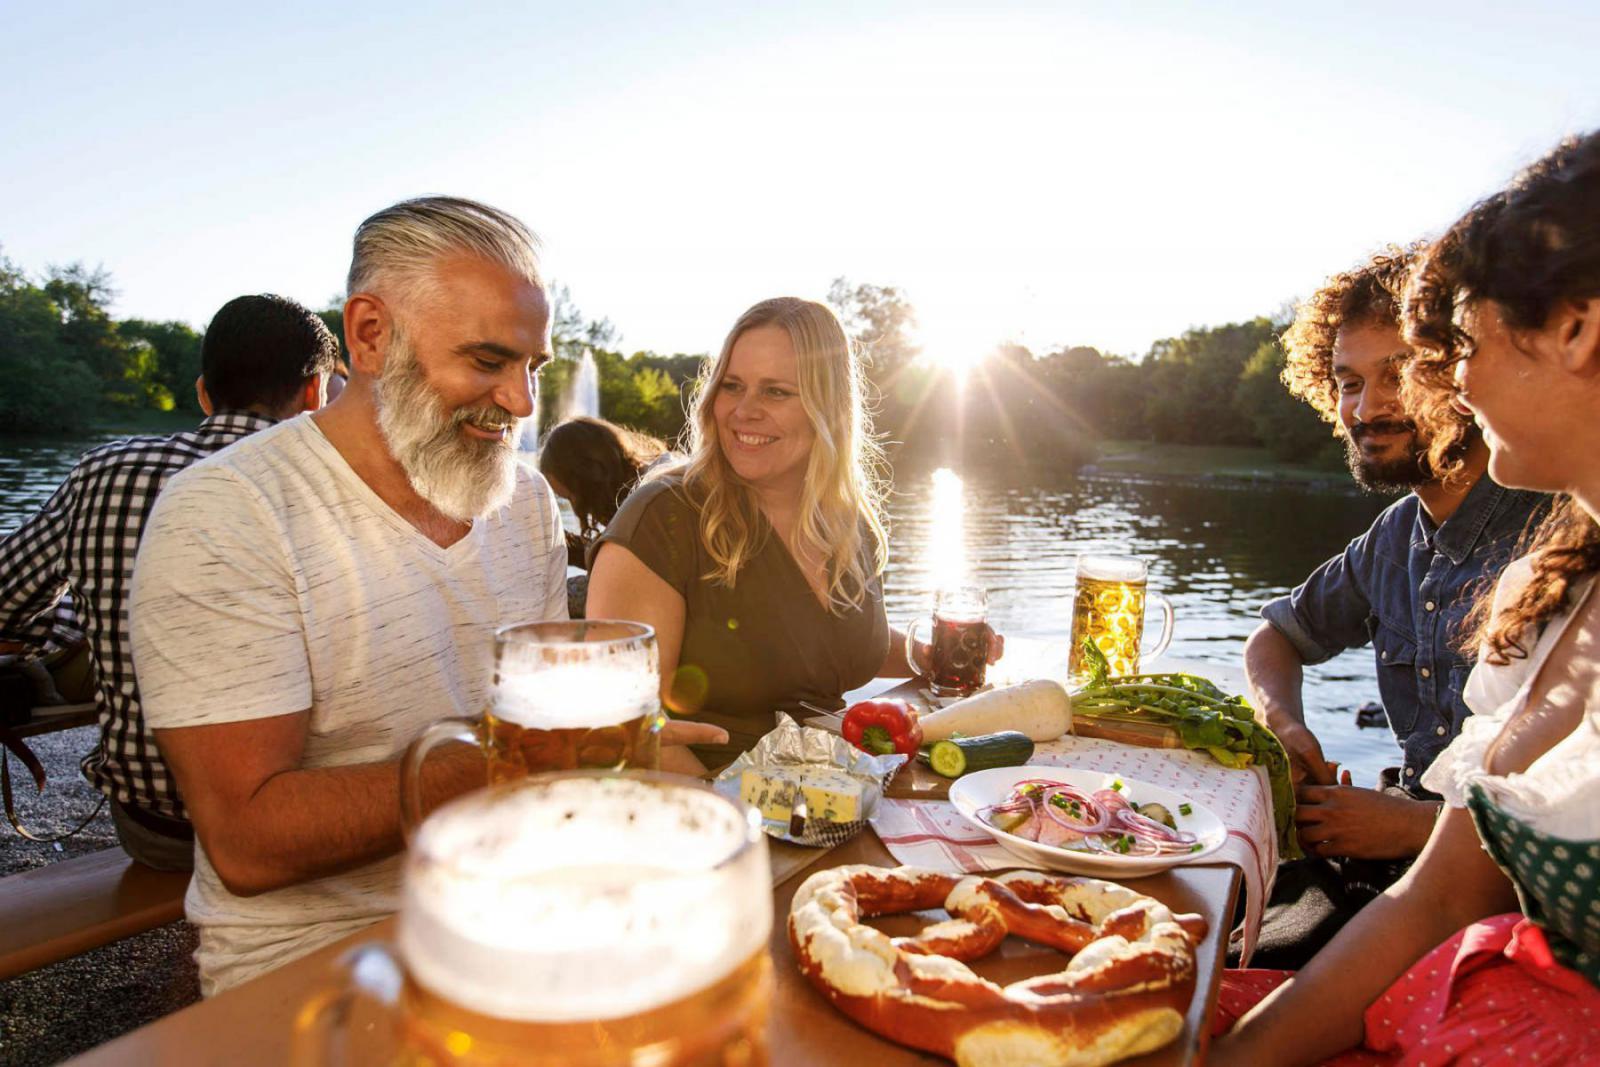 Genieten van de Deutsche gemütlichkeit met heerlijke lokale specialiteiten uit München   Credit: Christian Kasper